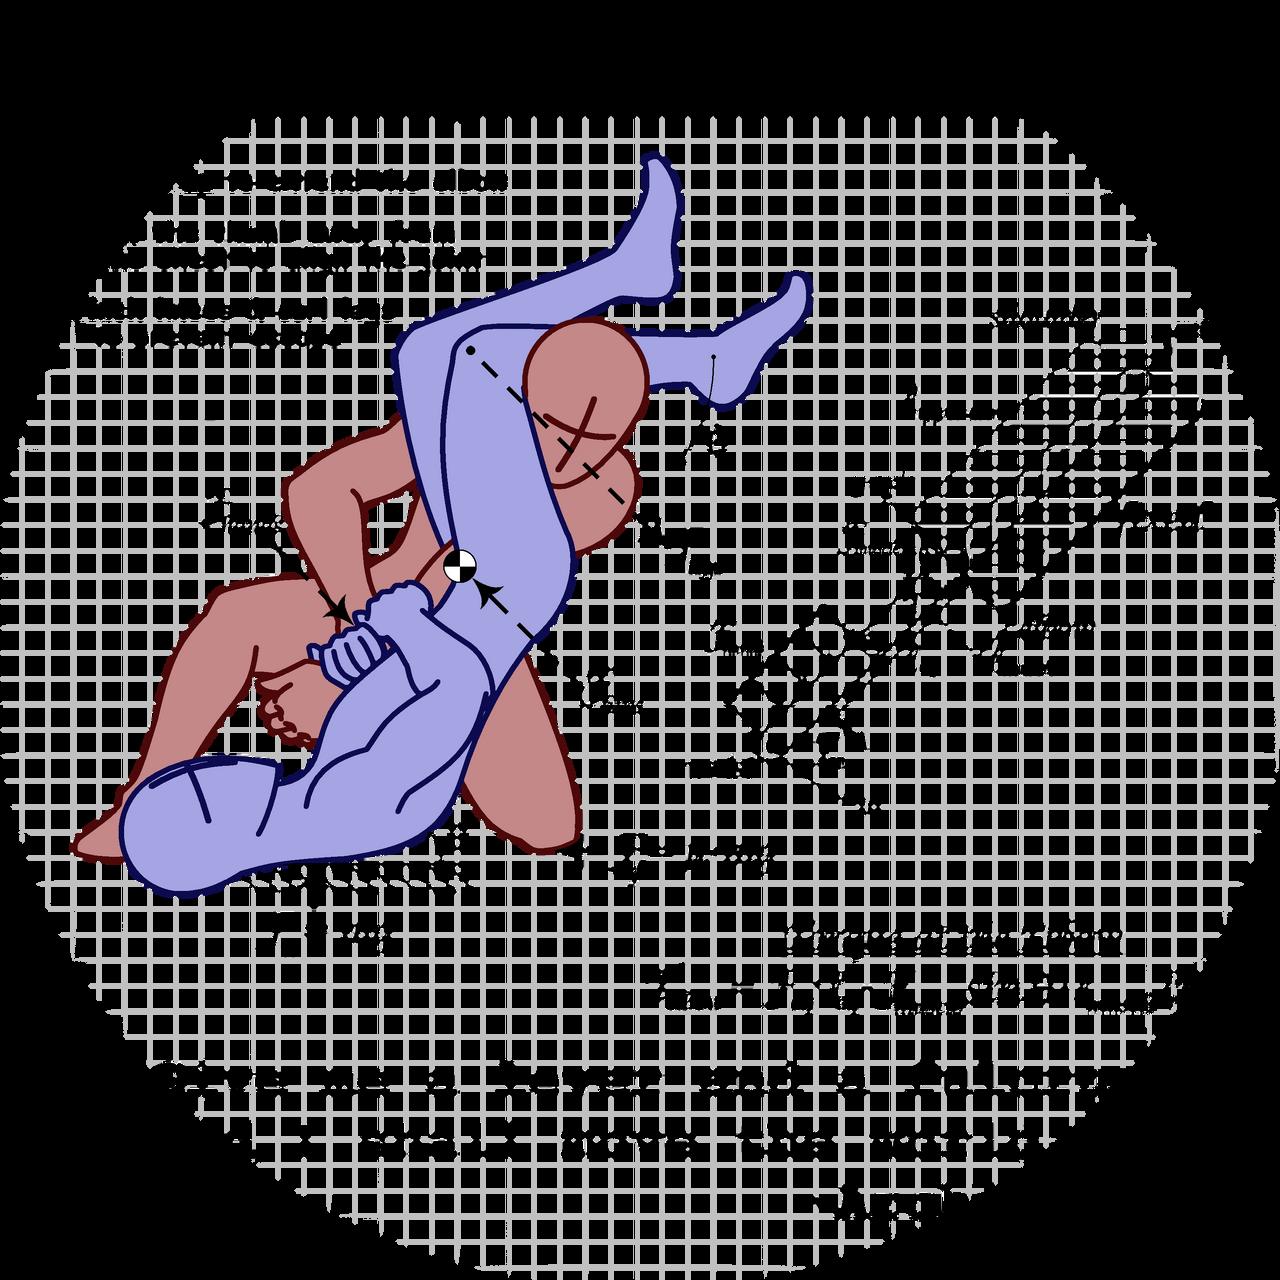 Anatomy of an Armbar by Skandranon01 on DeviantArt